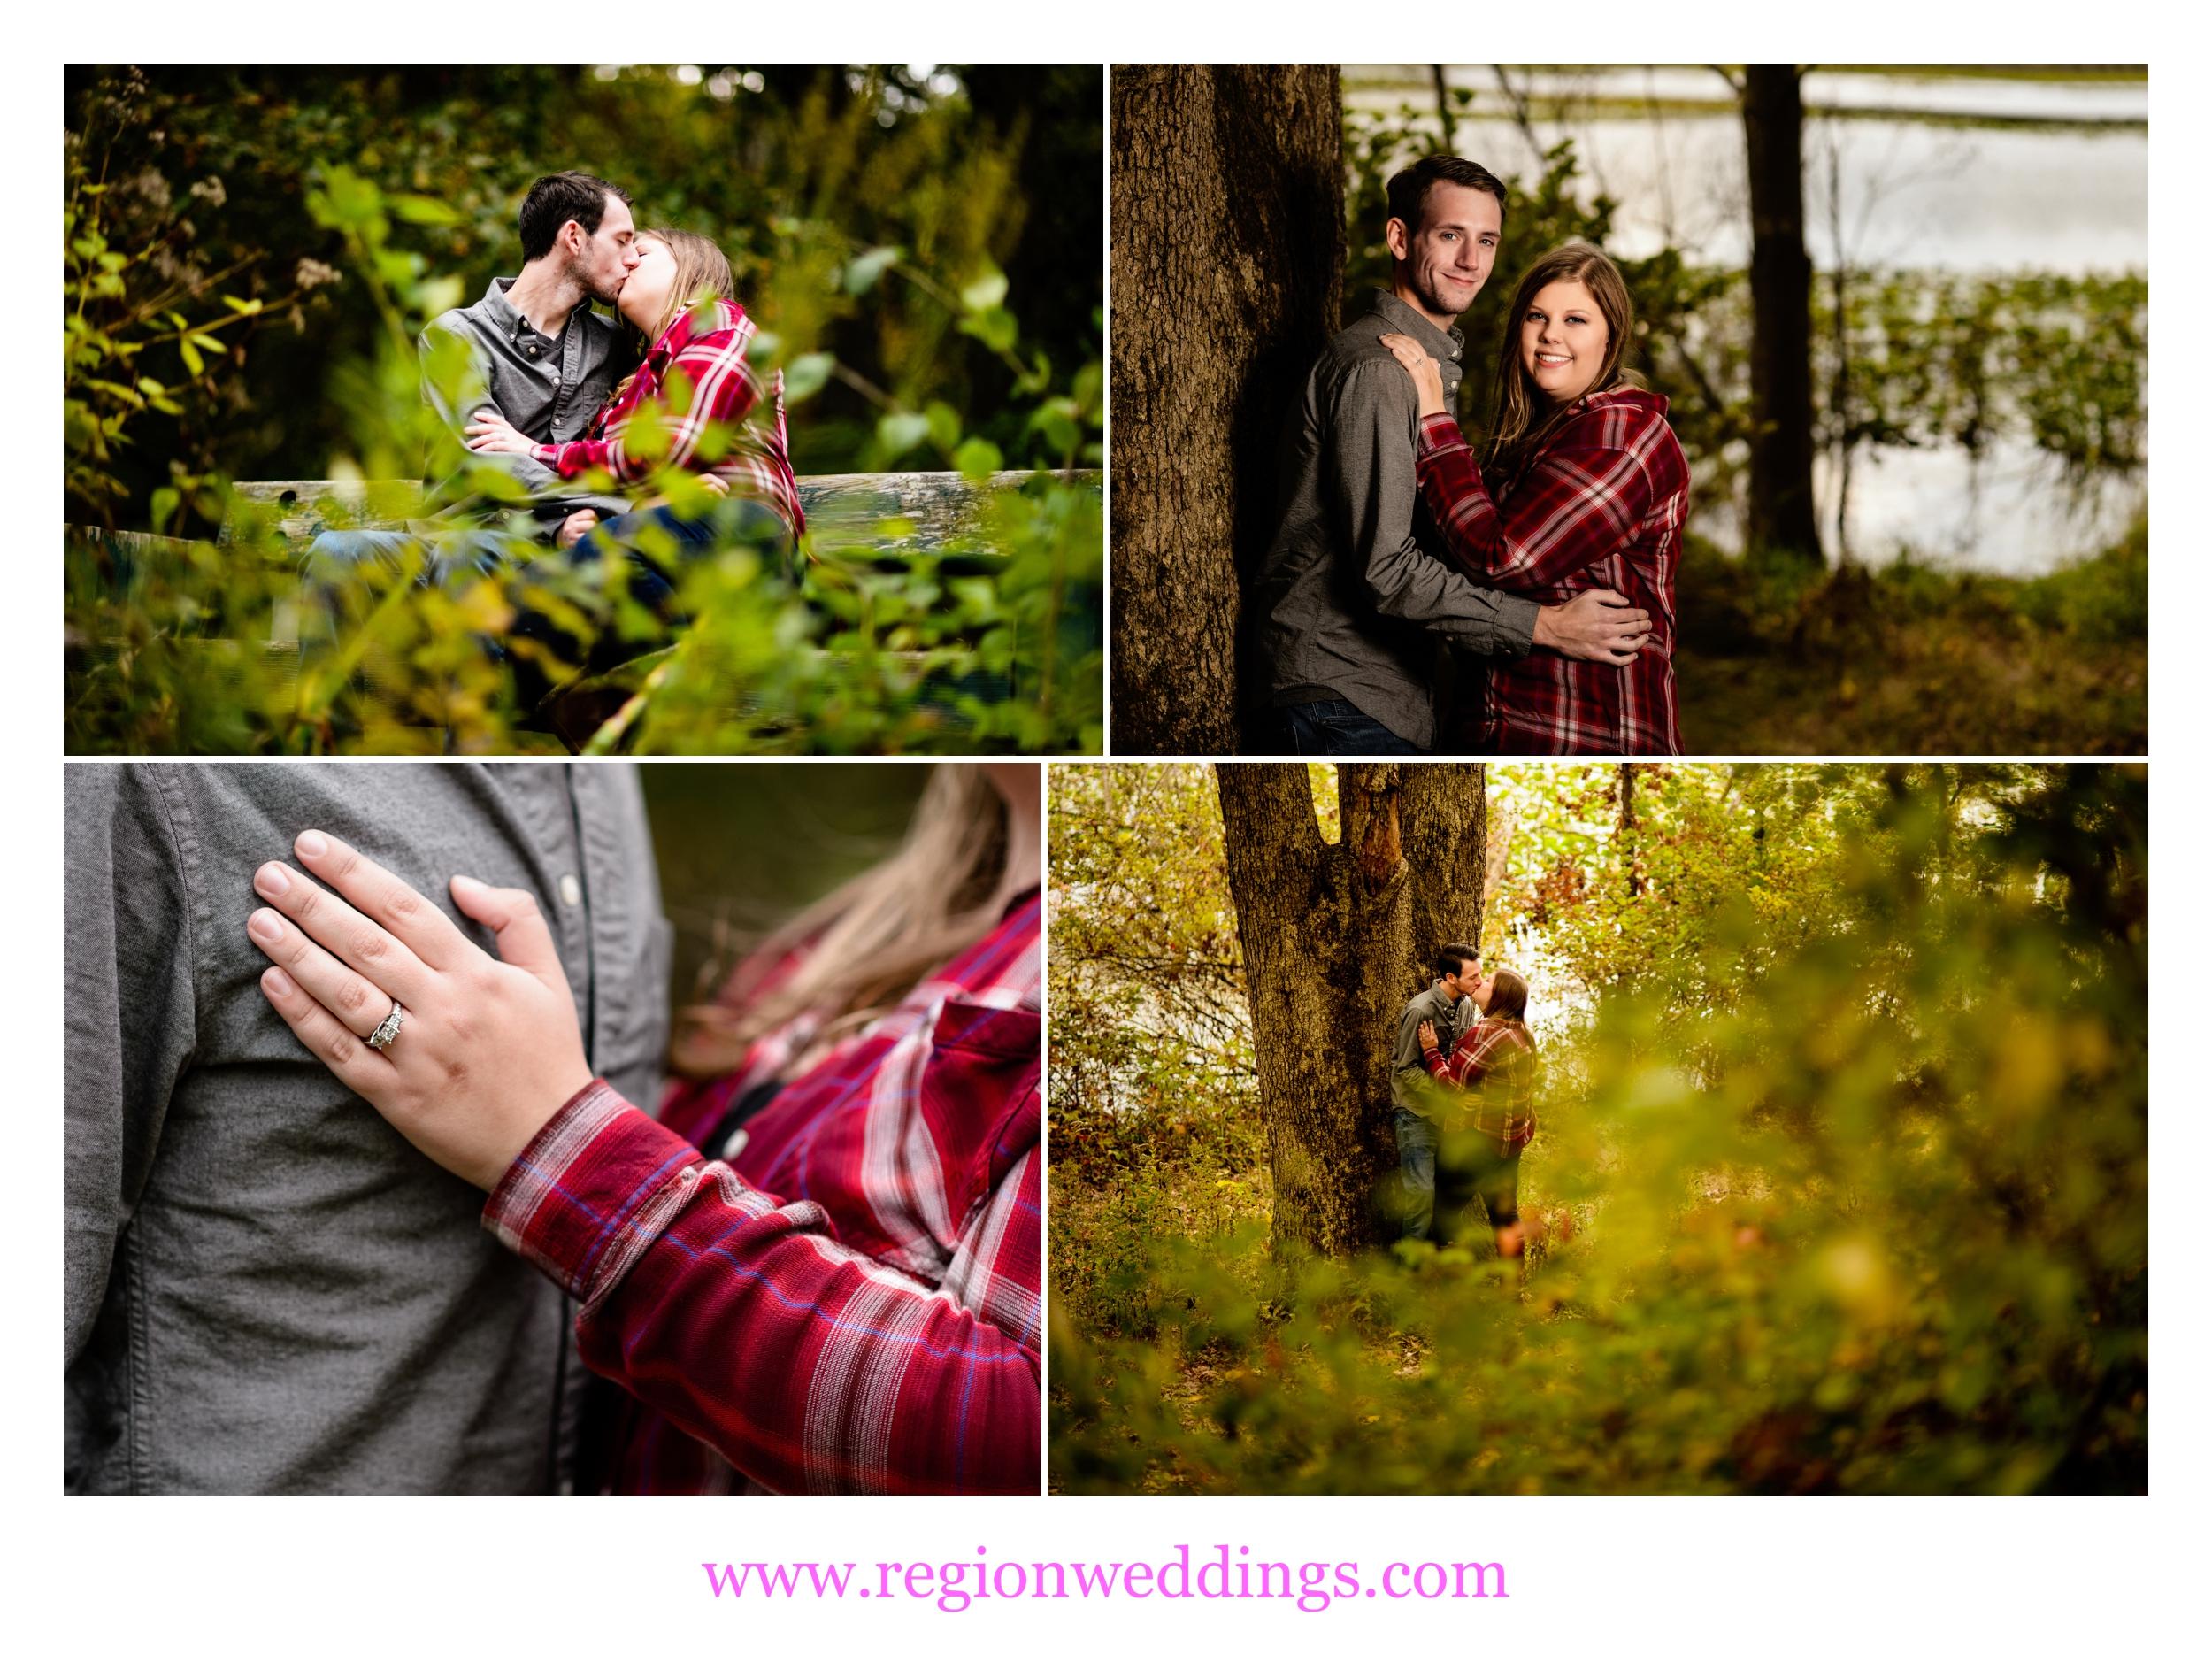 A couple in love explores Lemon Lake Park.